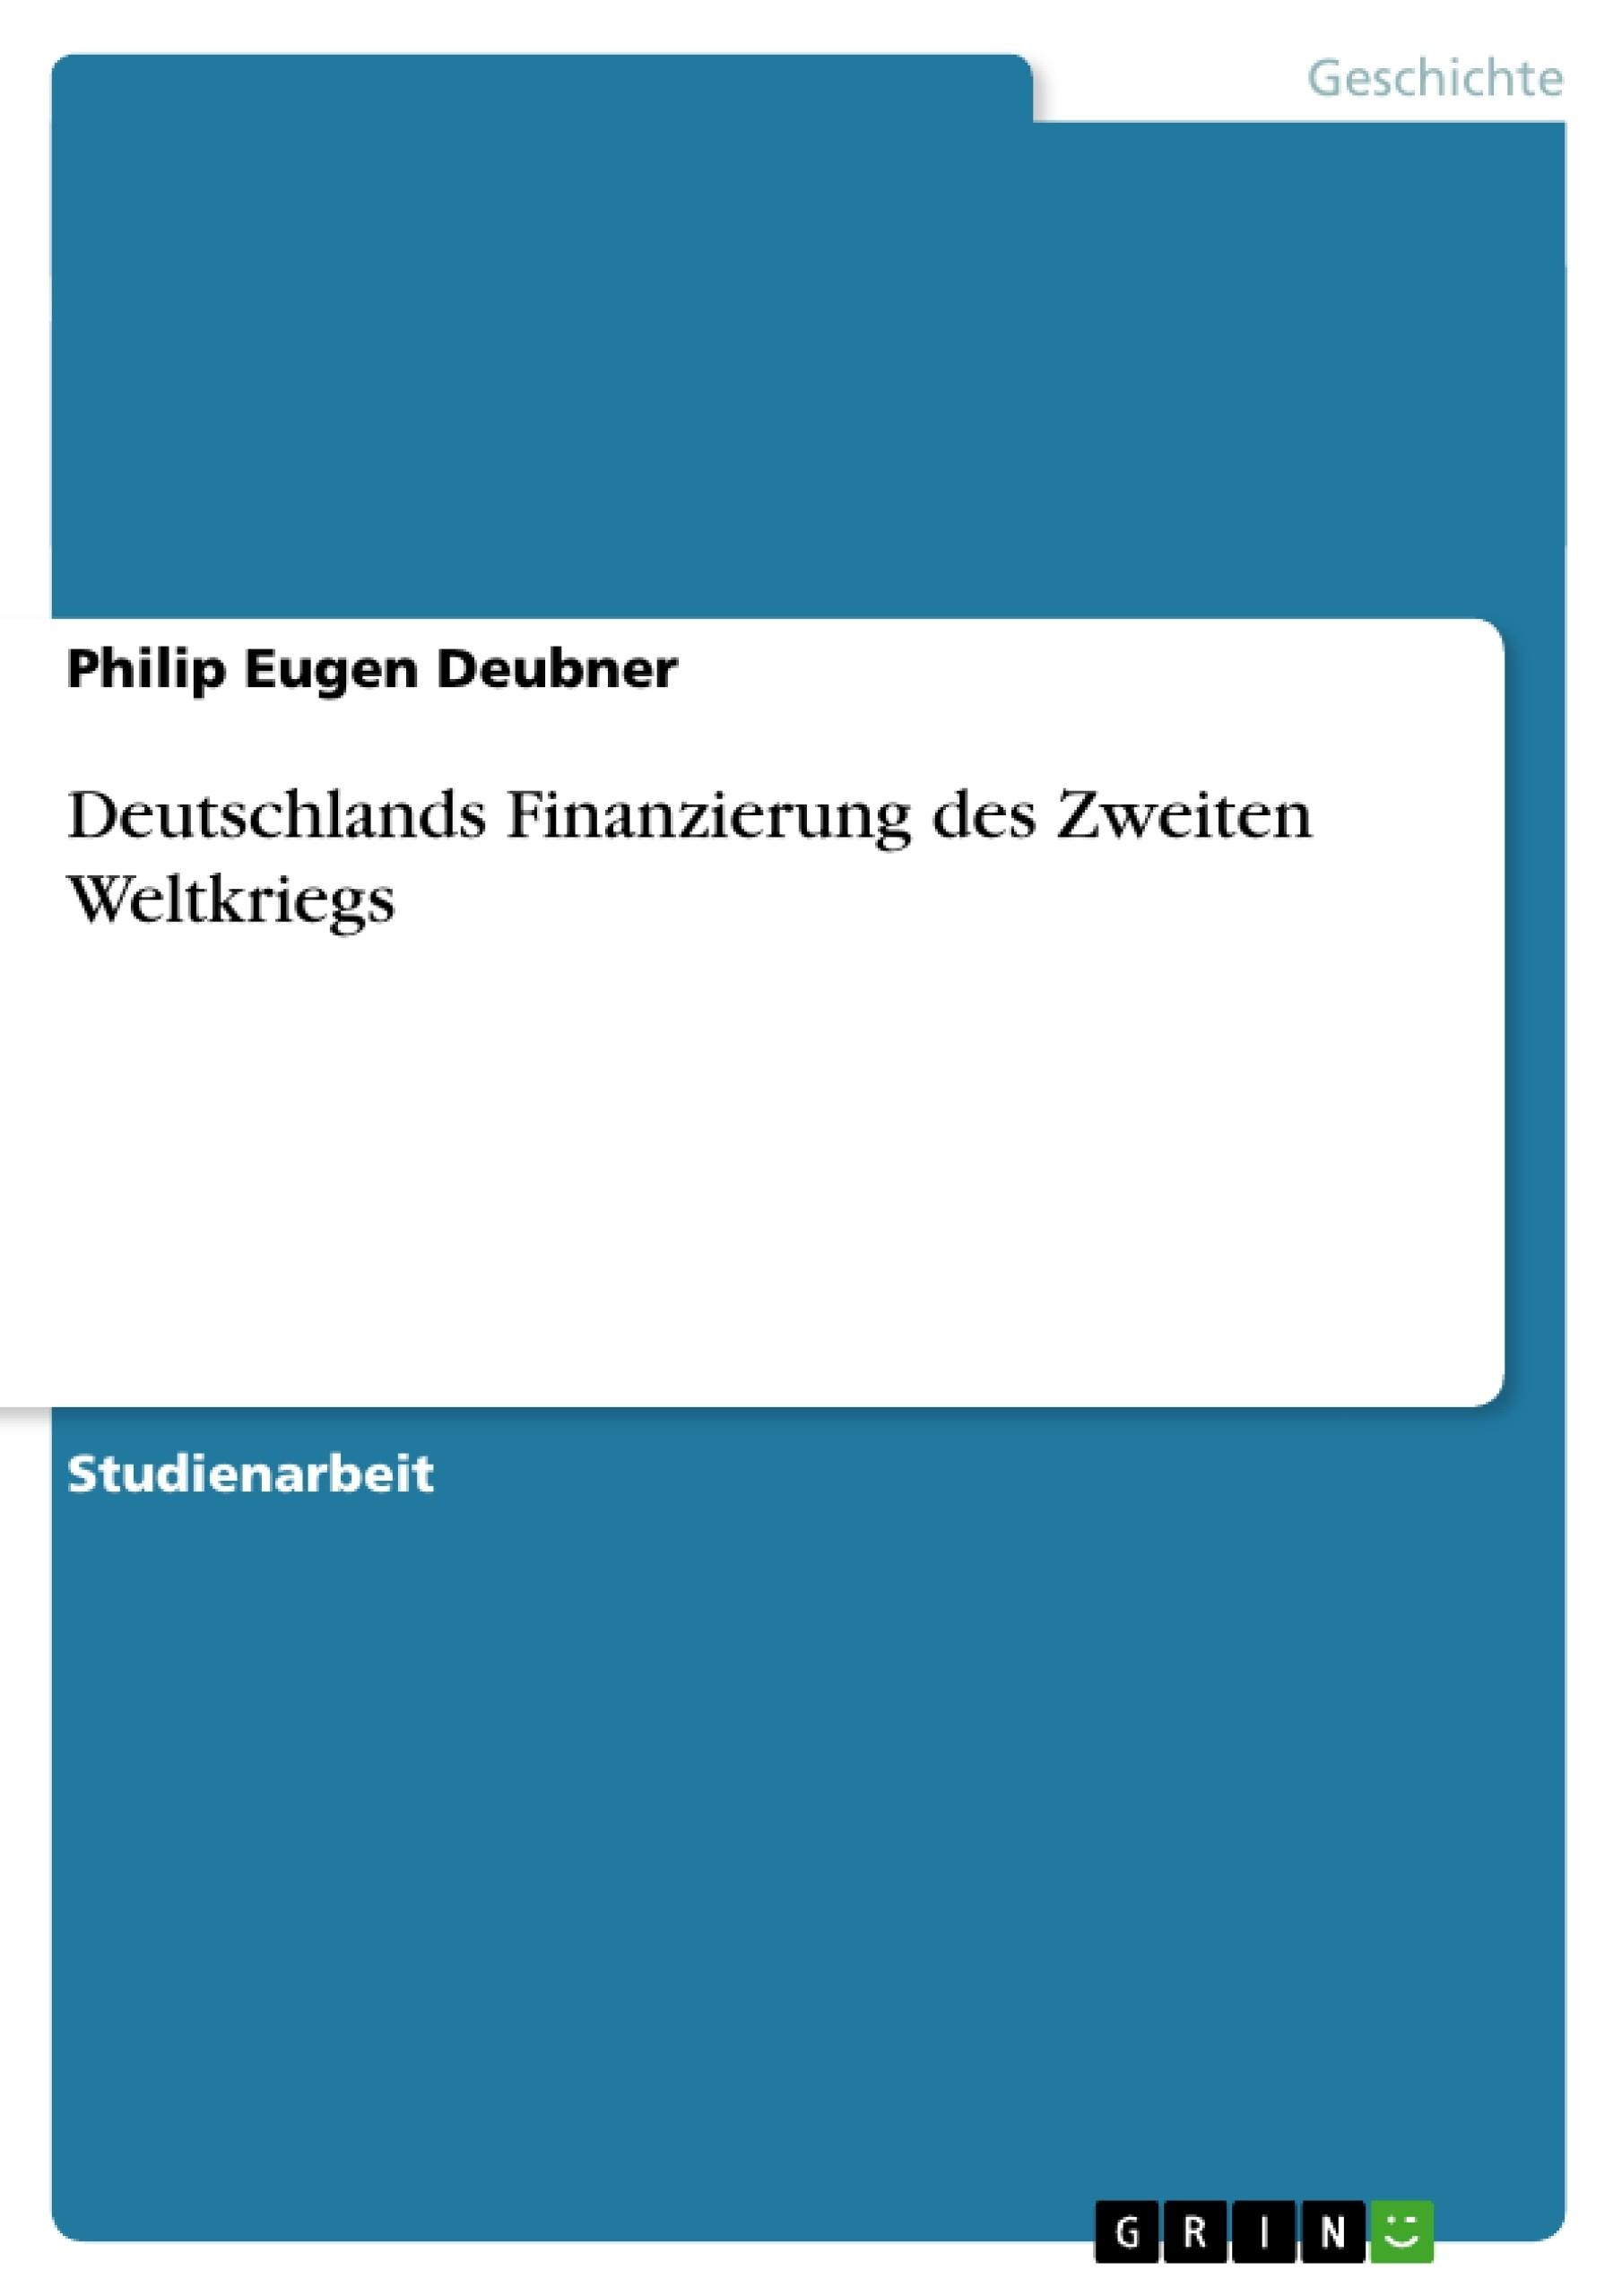 Titel: Deutschlands Finanzierung des Zweiten Weltkriegs